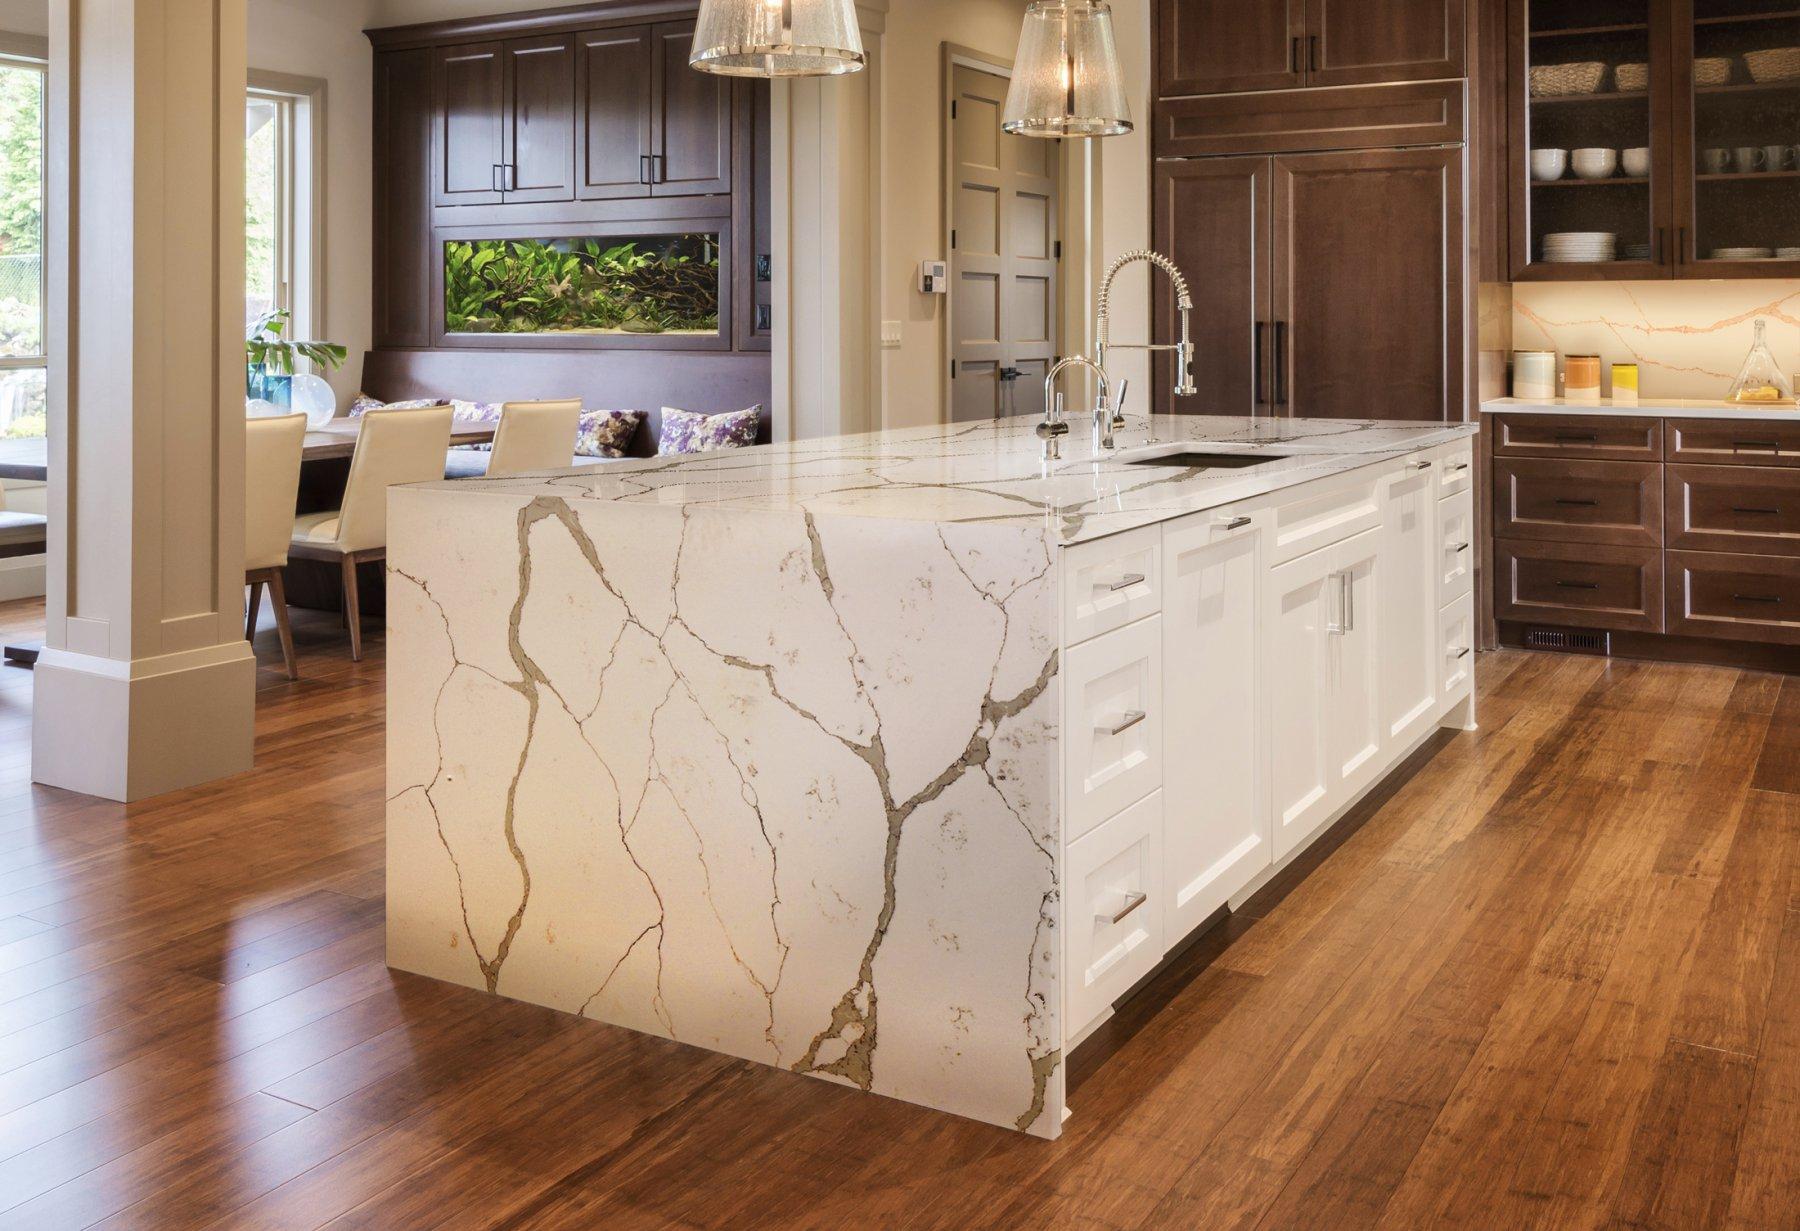 Why Corian Quartz For Your Home